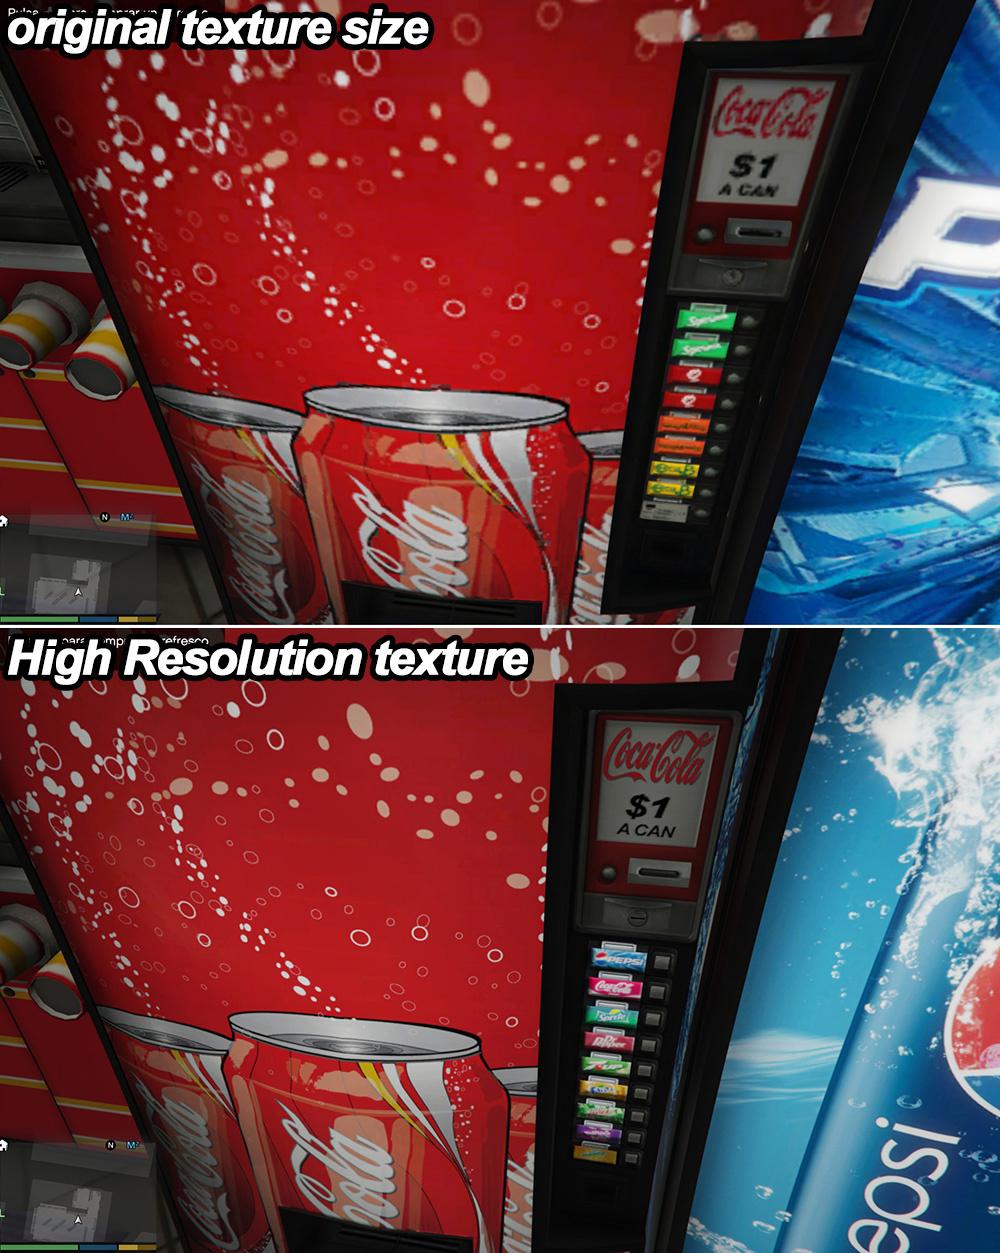 soda vending machines coca pepsi more gta5 mods com